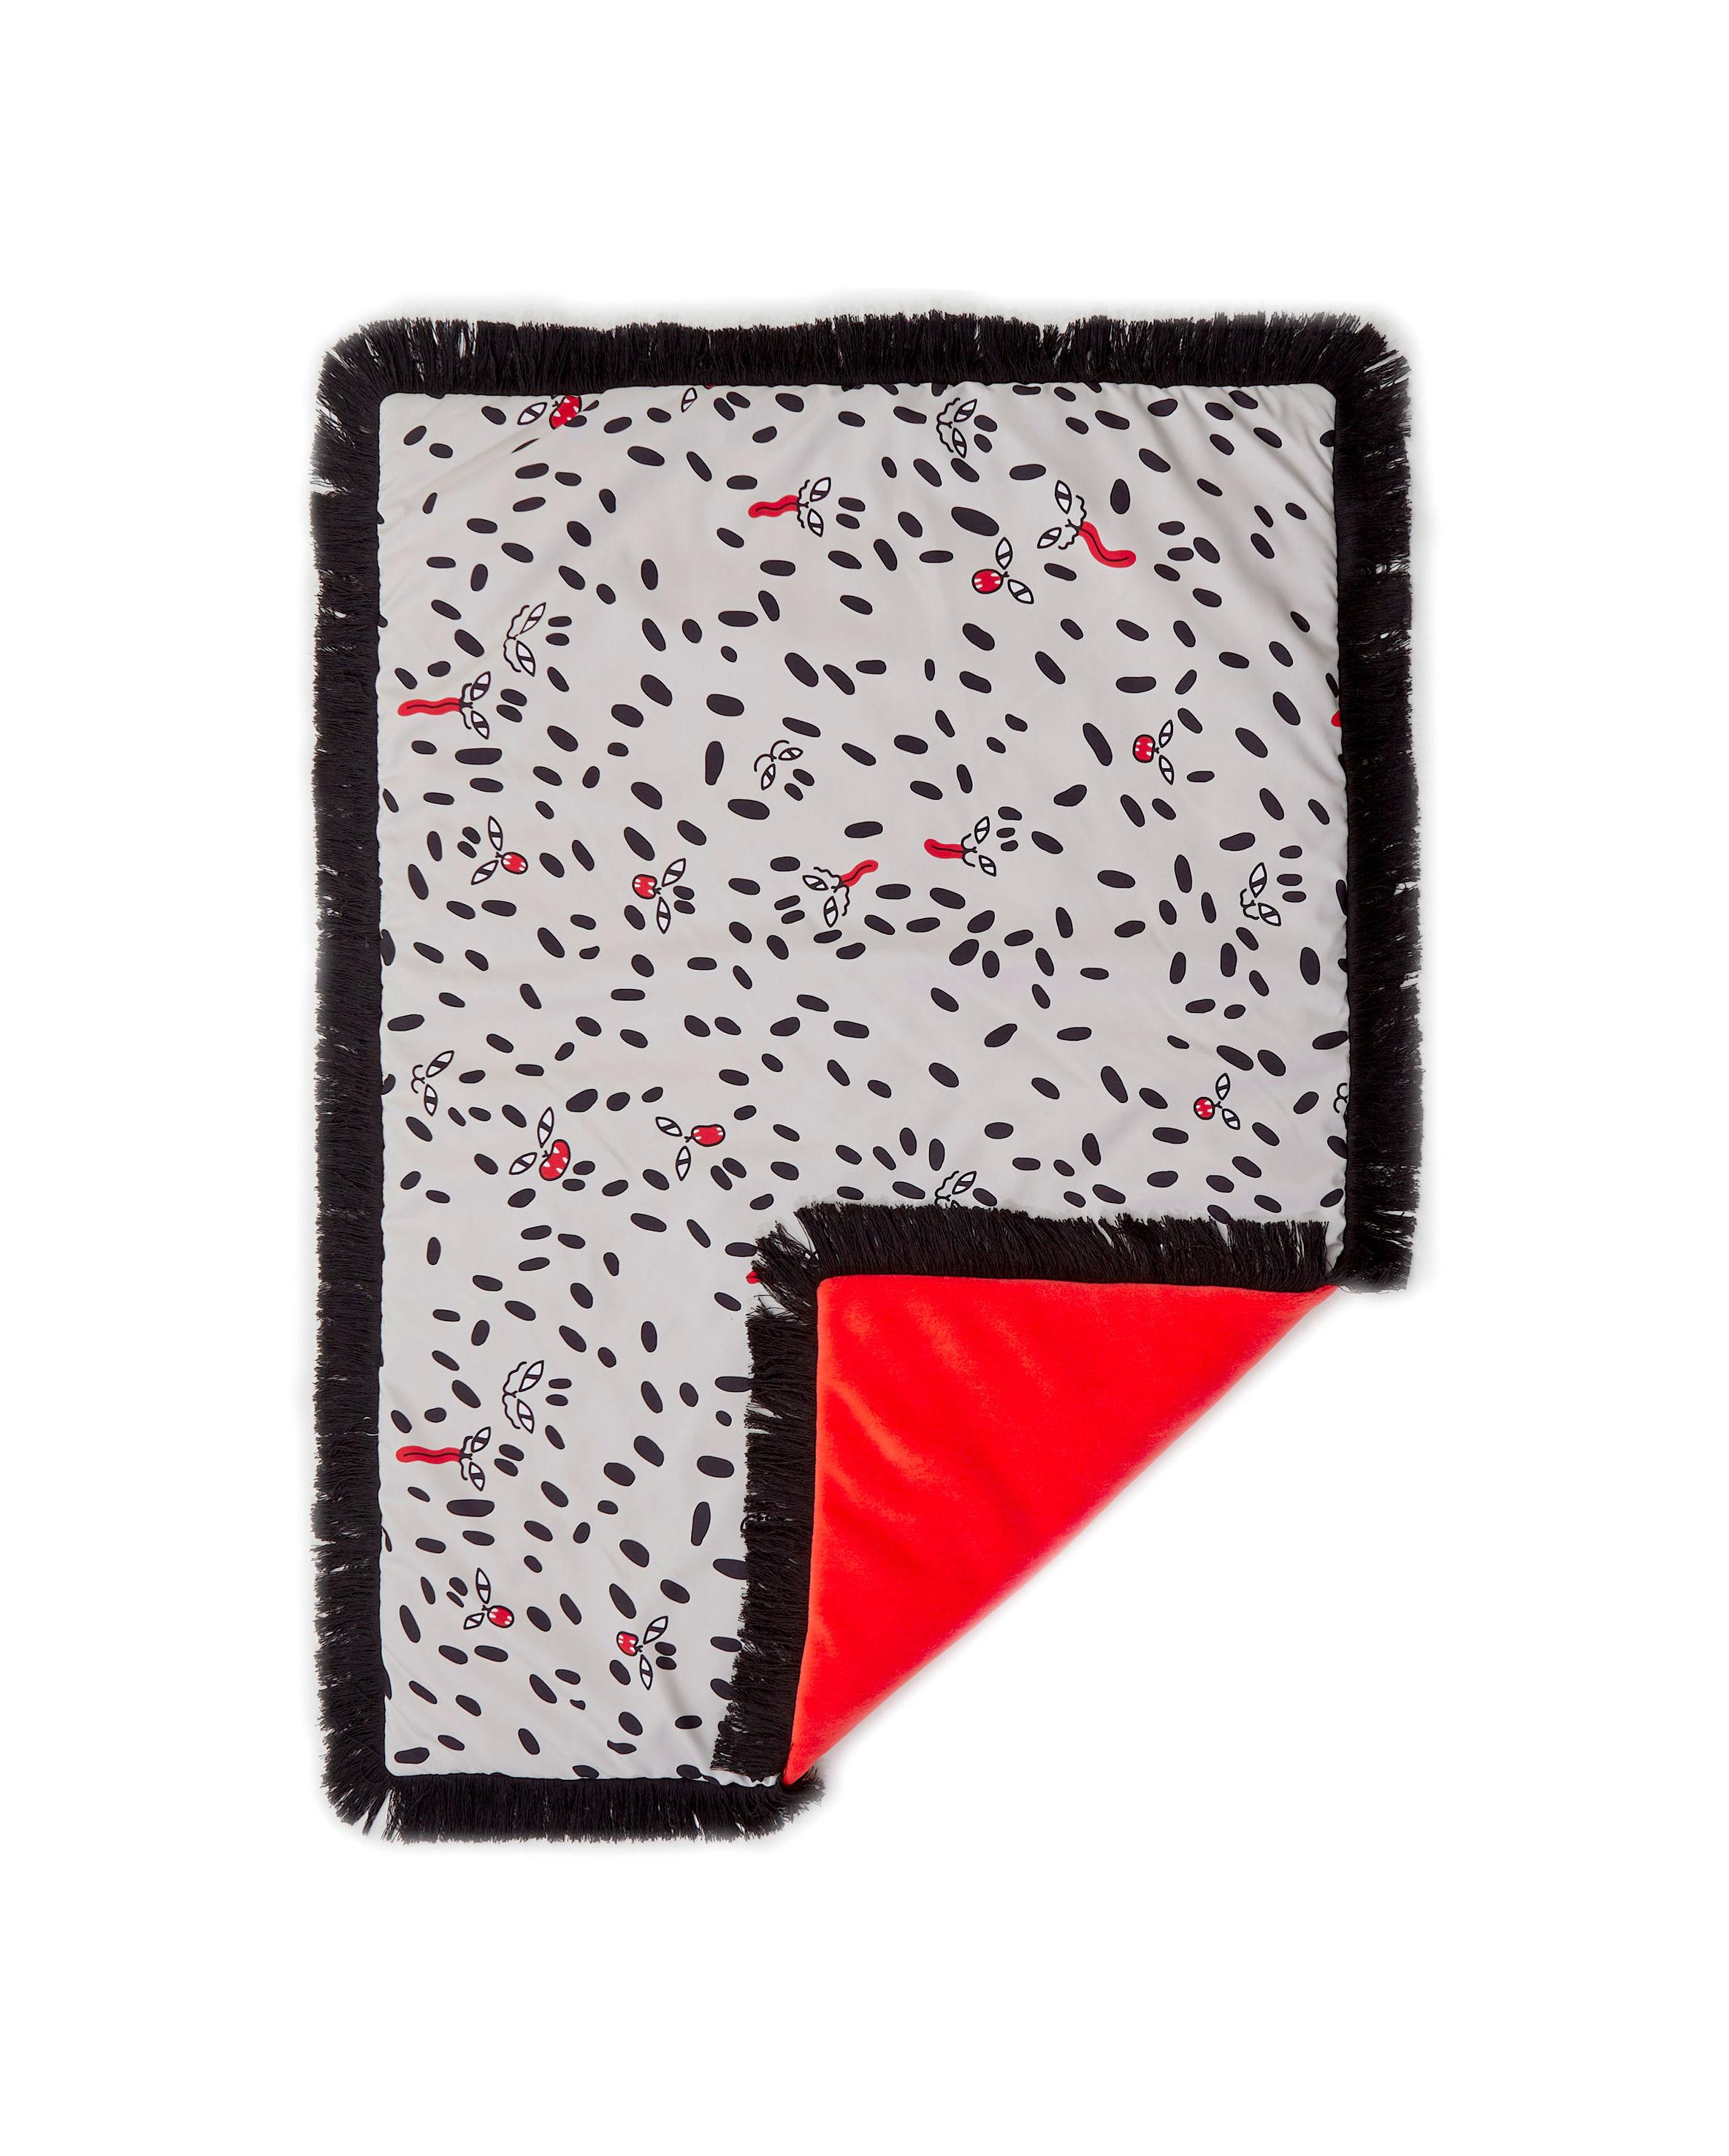 Interni - Tessili - Plaid imbottito Tapame Mucho Small - Wild Dots - / 140 x 90 cm di Sancal - Wild Dots / Nero & beige - Fibra sintetica, Pelliccia sintetica, Poliestere